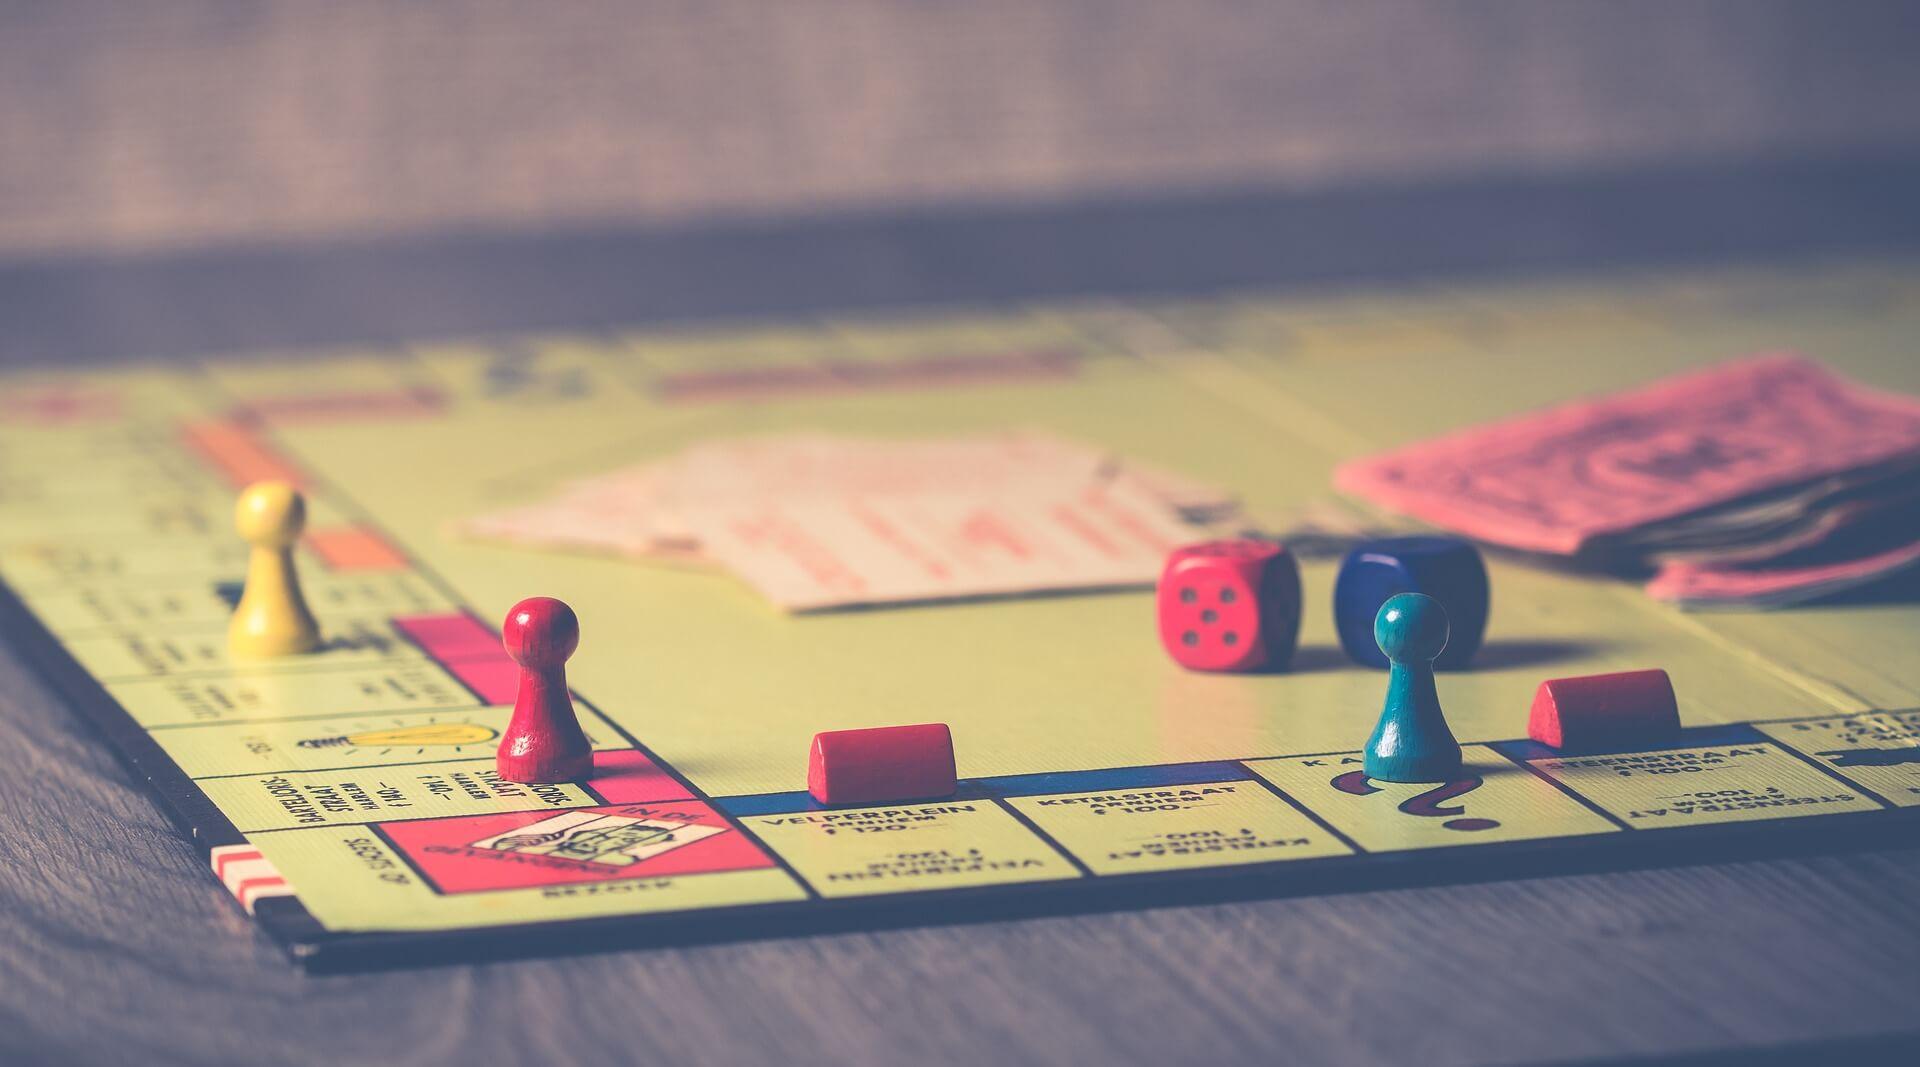 Većina večeras ostaje kod kuće pa donosimo nekoliko prijedloga online društvenih igara